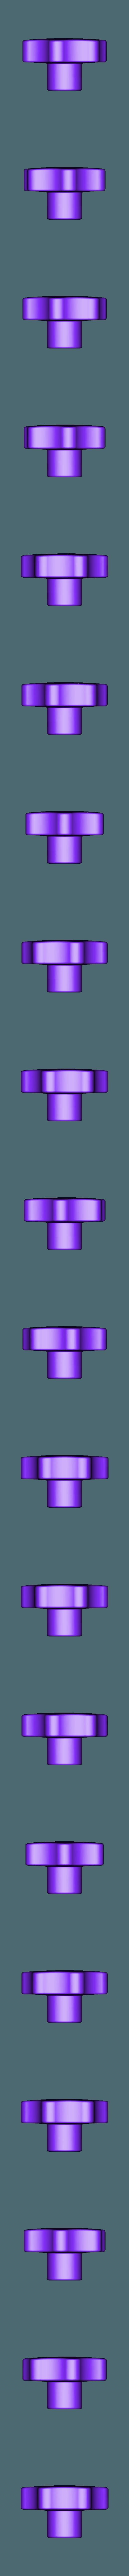 M8_Knob.stl Télécharger fichier STL gratuit Loupe avec Led Light • Modèle pour imprimante 3D, perinski